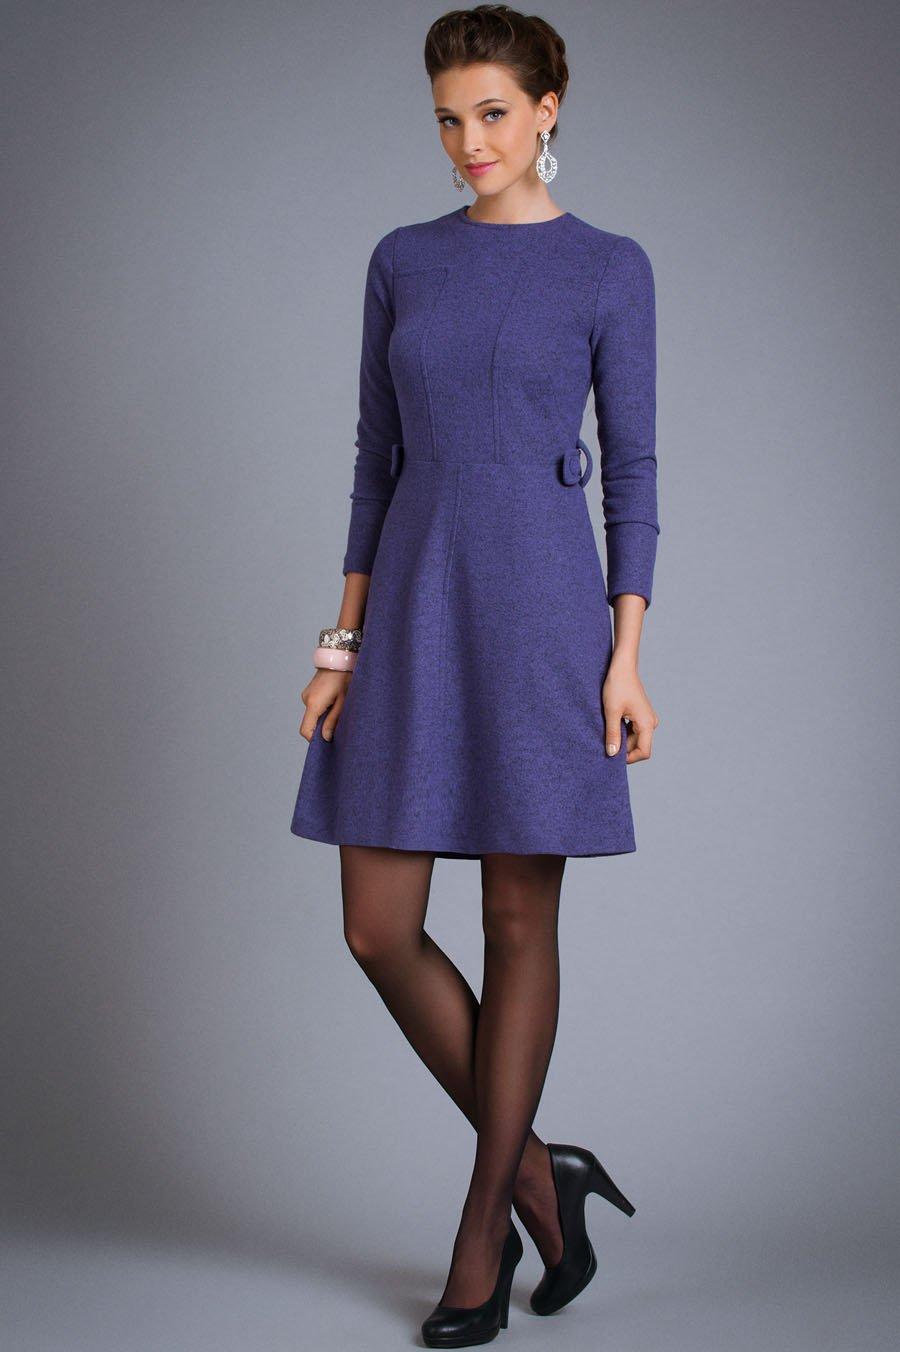 Какие трикотажные платья будут модными весной и летом, осенью и зимой 2014 года: посмотрите модели на фото и